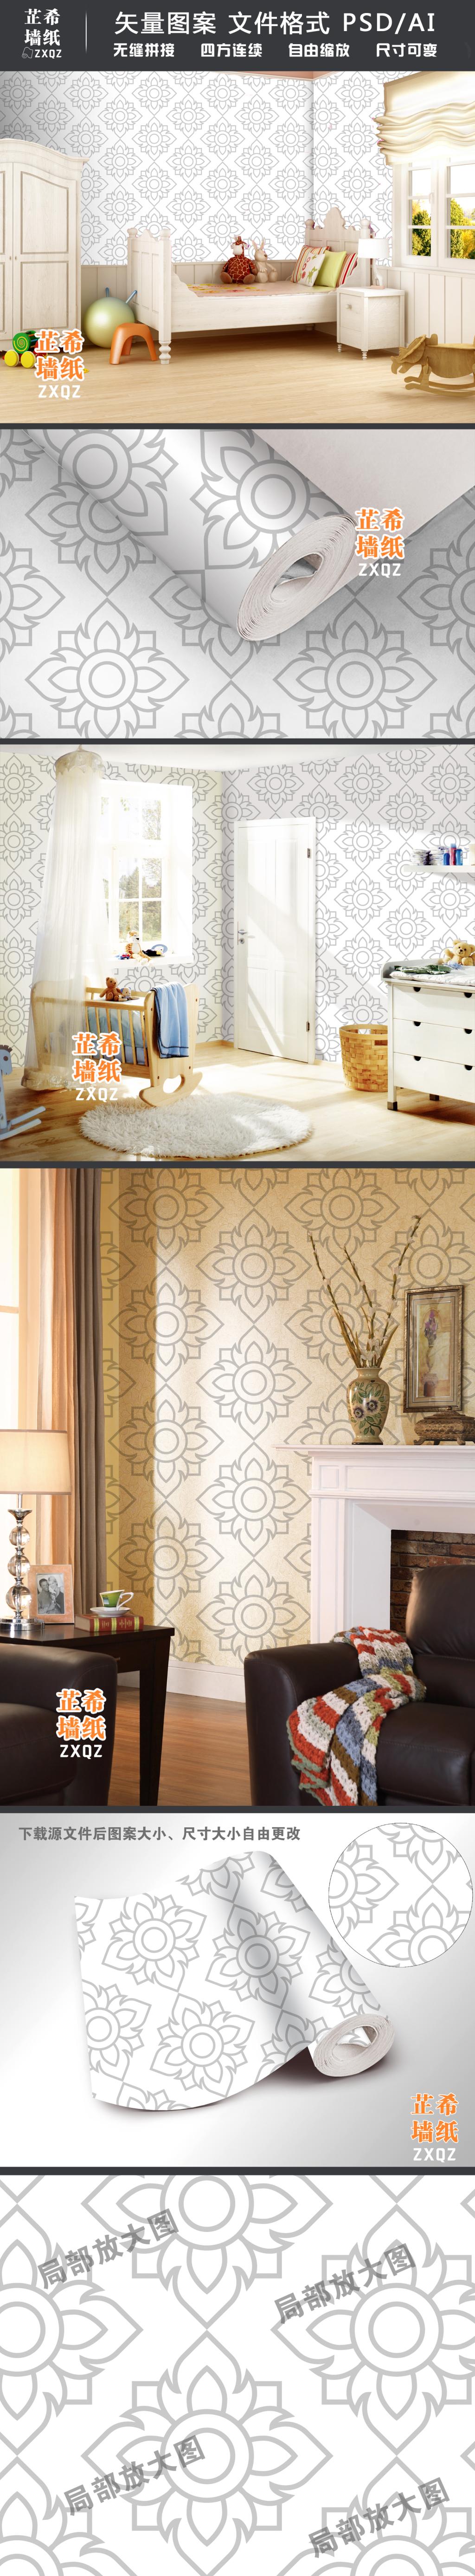 欧式家装墙纸简约花纹图案图片